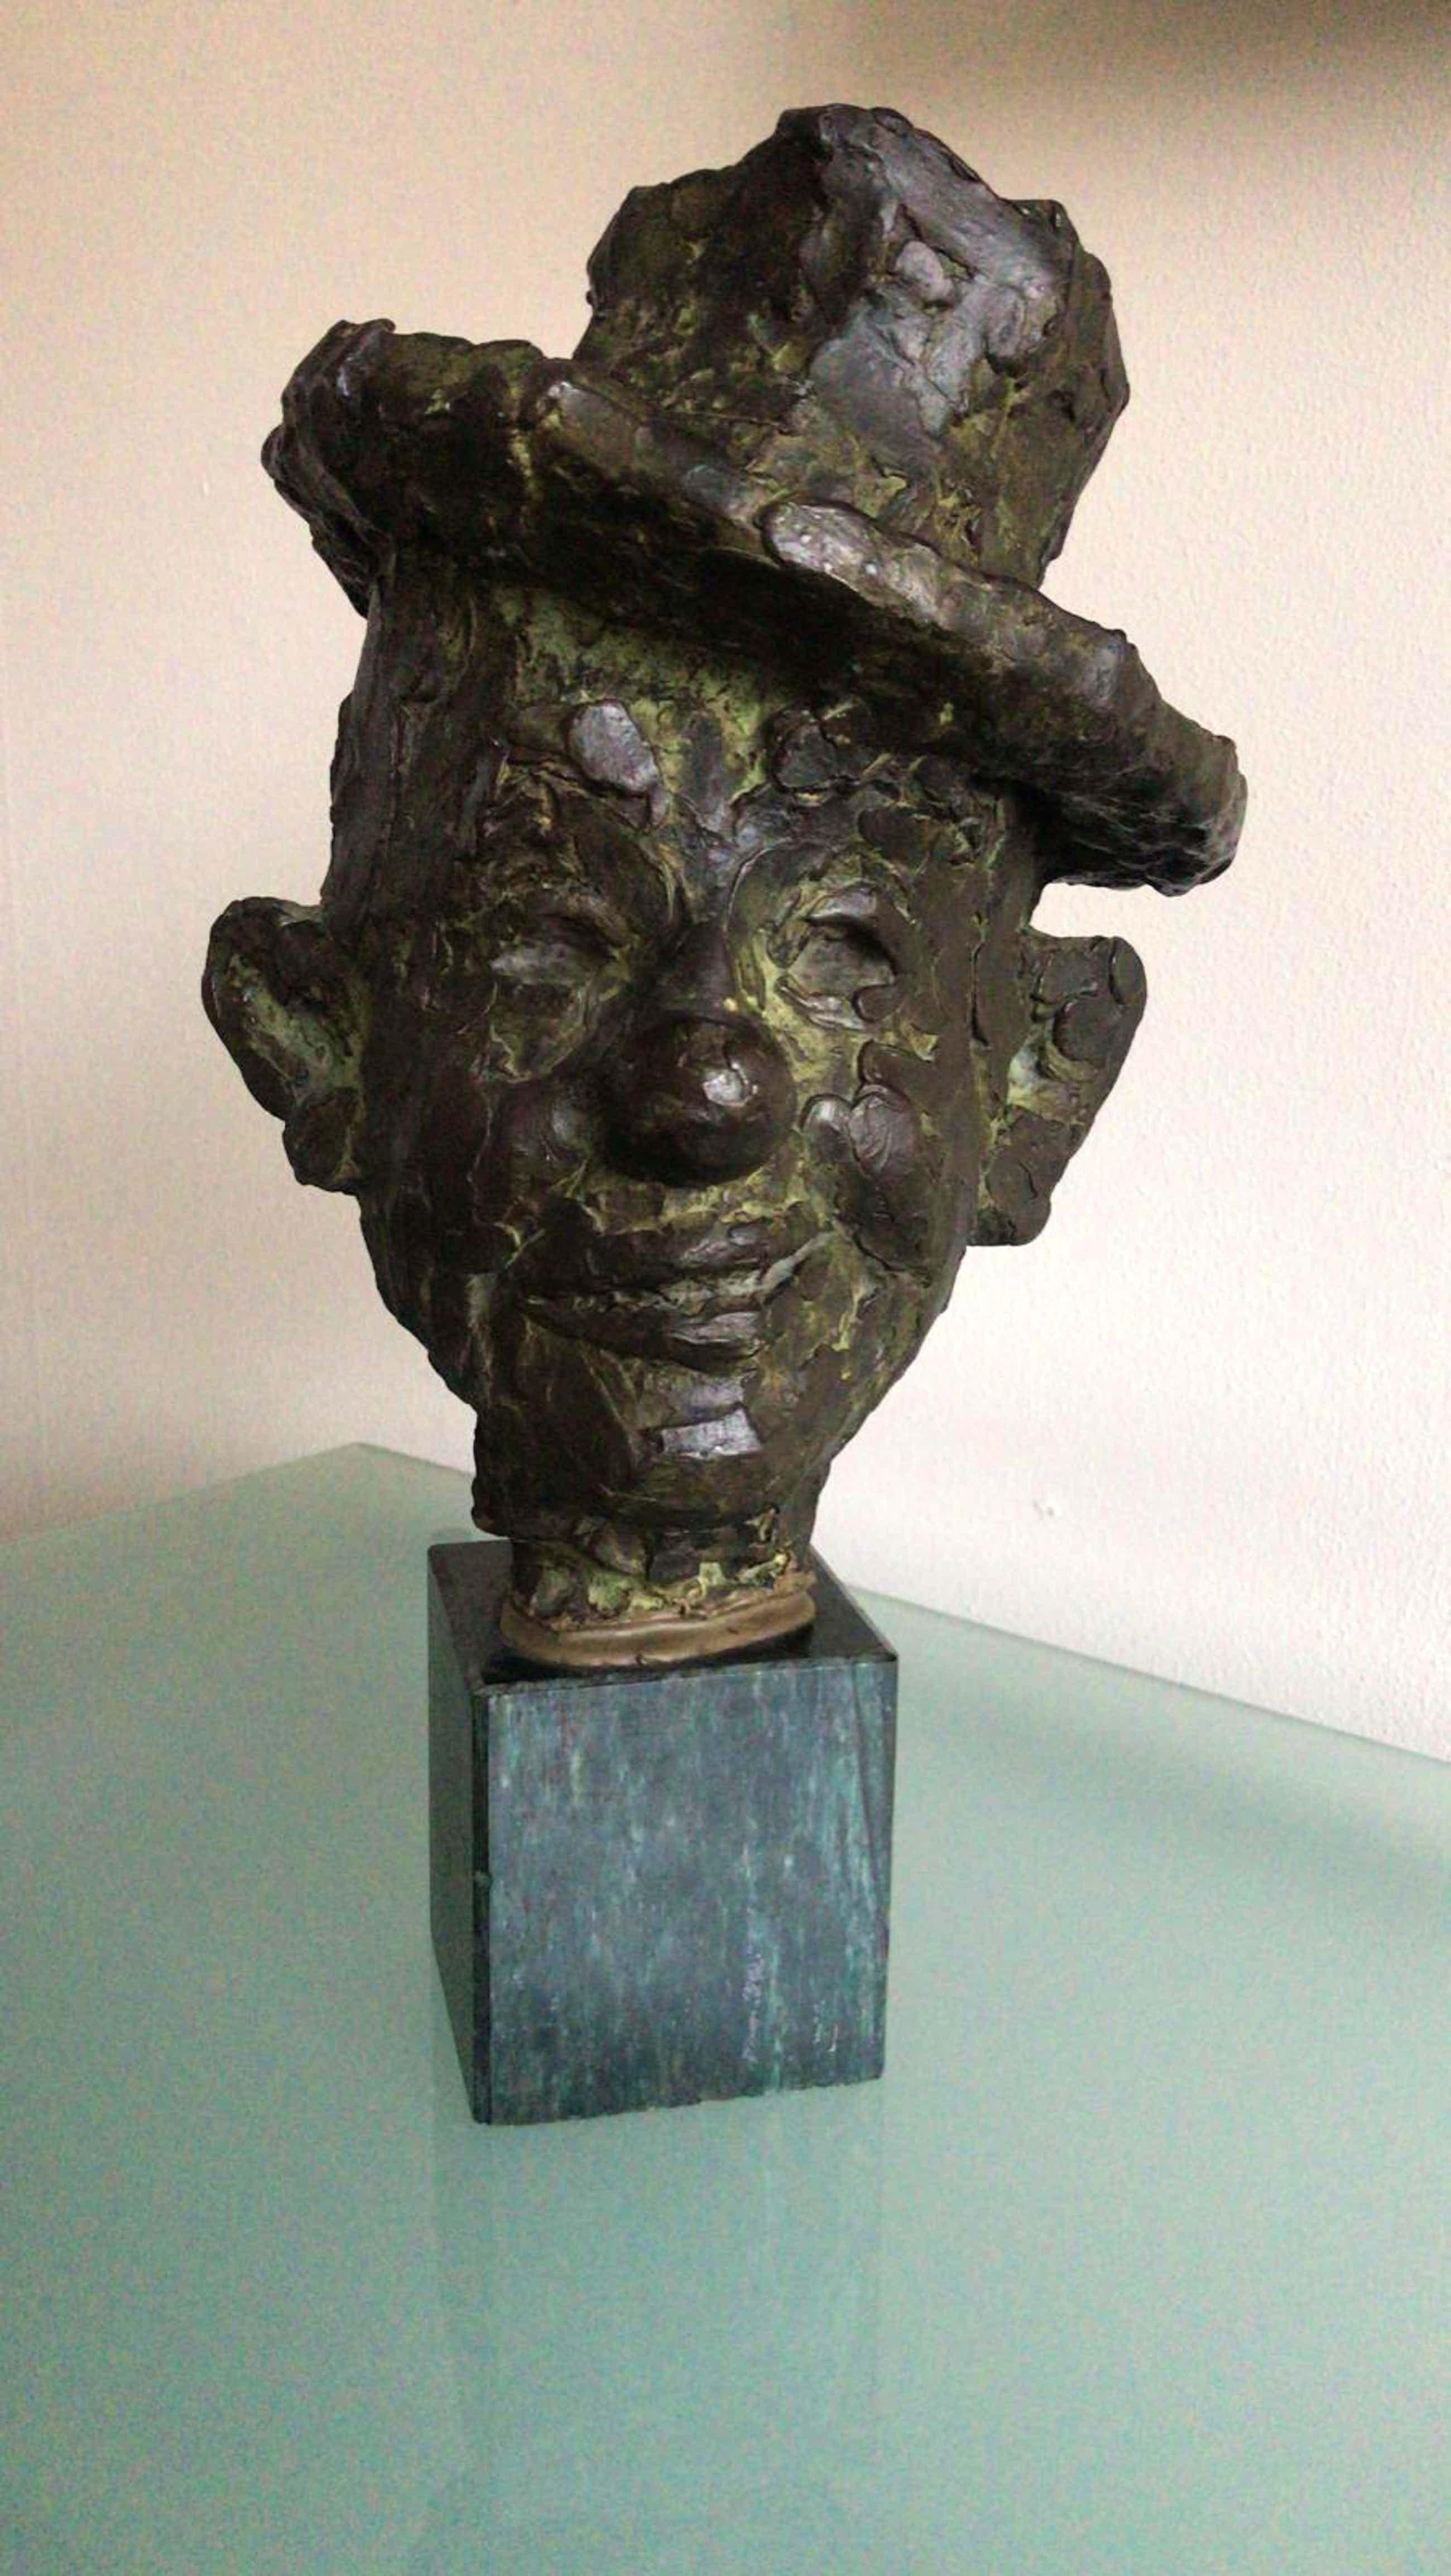 Jits Bakker - Johan Buziau Revue Artiest 1877 -1958 kopen? Bied vanaf 959!